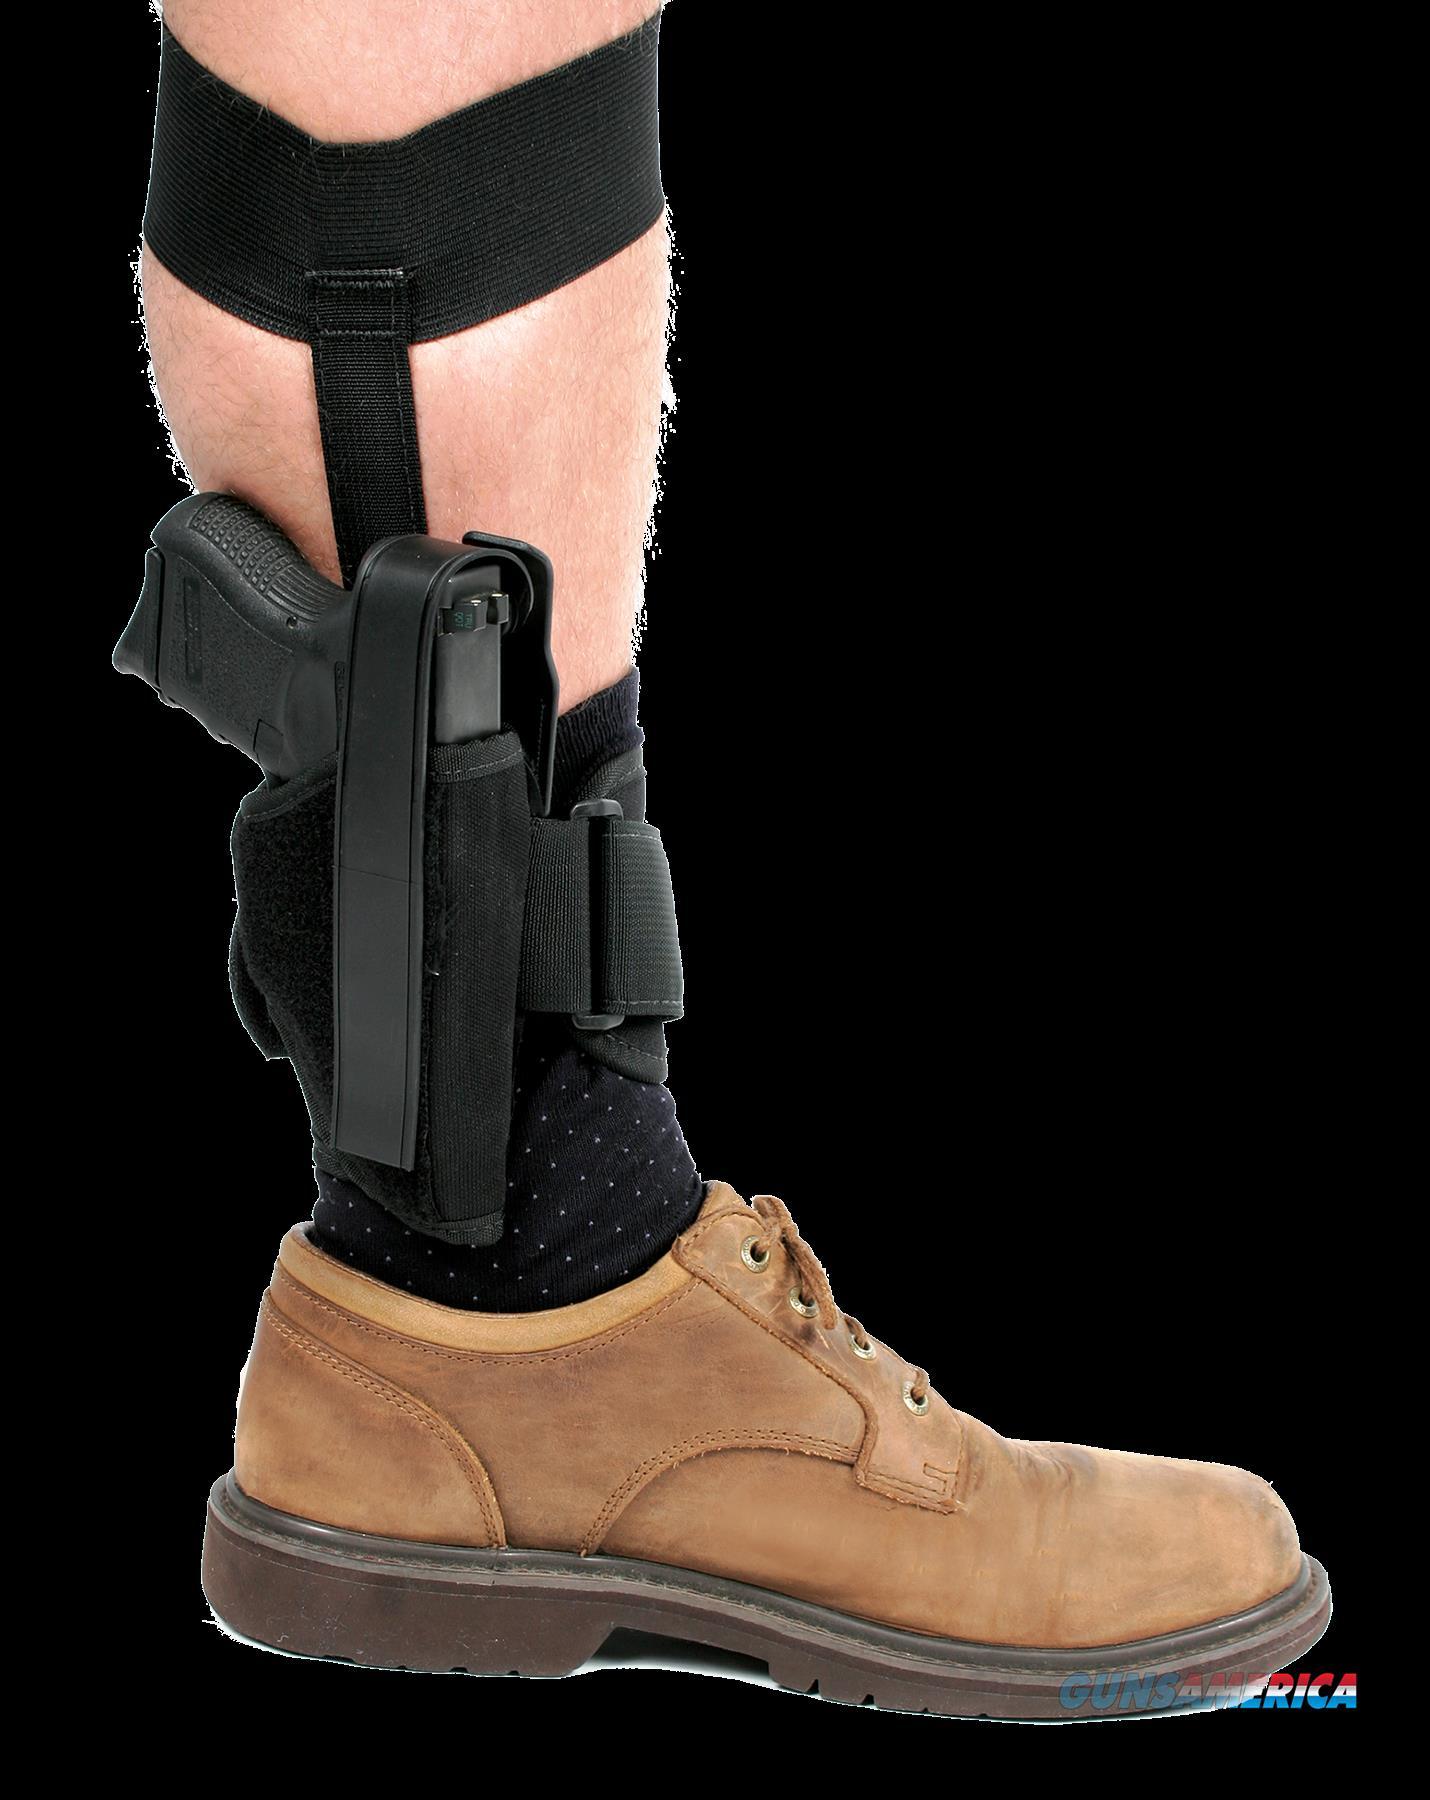 Blackhawk Ankle, Bhwk 40ah12bkr Cqc Ankle Holster Sz 12  Guns > Pistols > 1911 Pistol Copies (non-Colt)